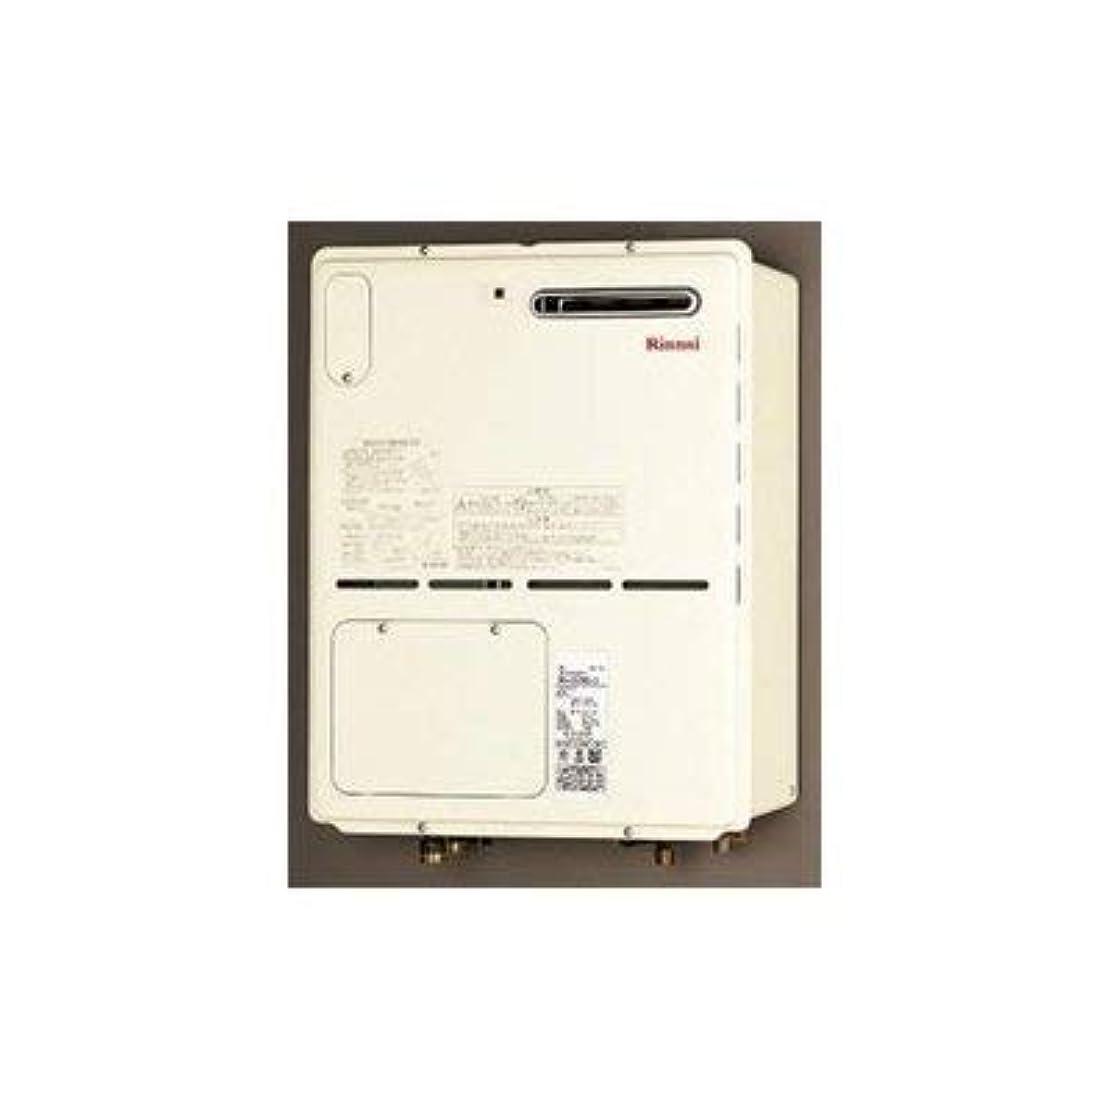 茎チート浴[RH-101W2-1(A)]リンナイ給湯器 熱源機(暖房専用タイプ) 屋外壁掛型(床暖房8系統?熱動弁外付)(RH101W21A) (LPG(プロパンガス))